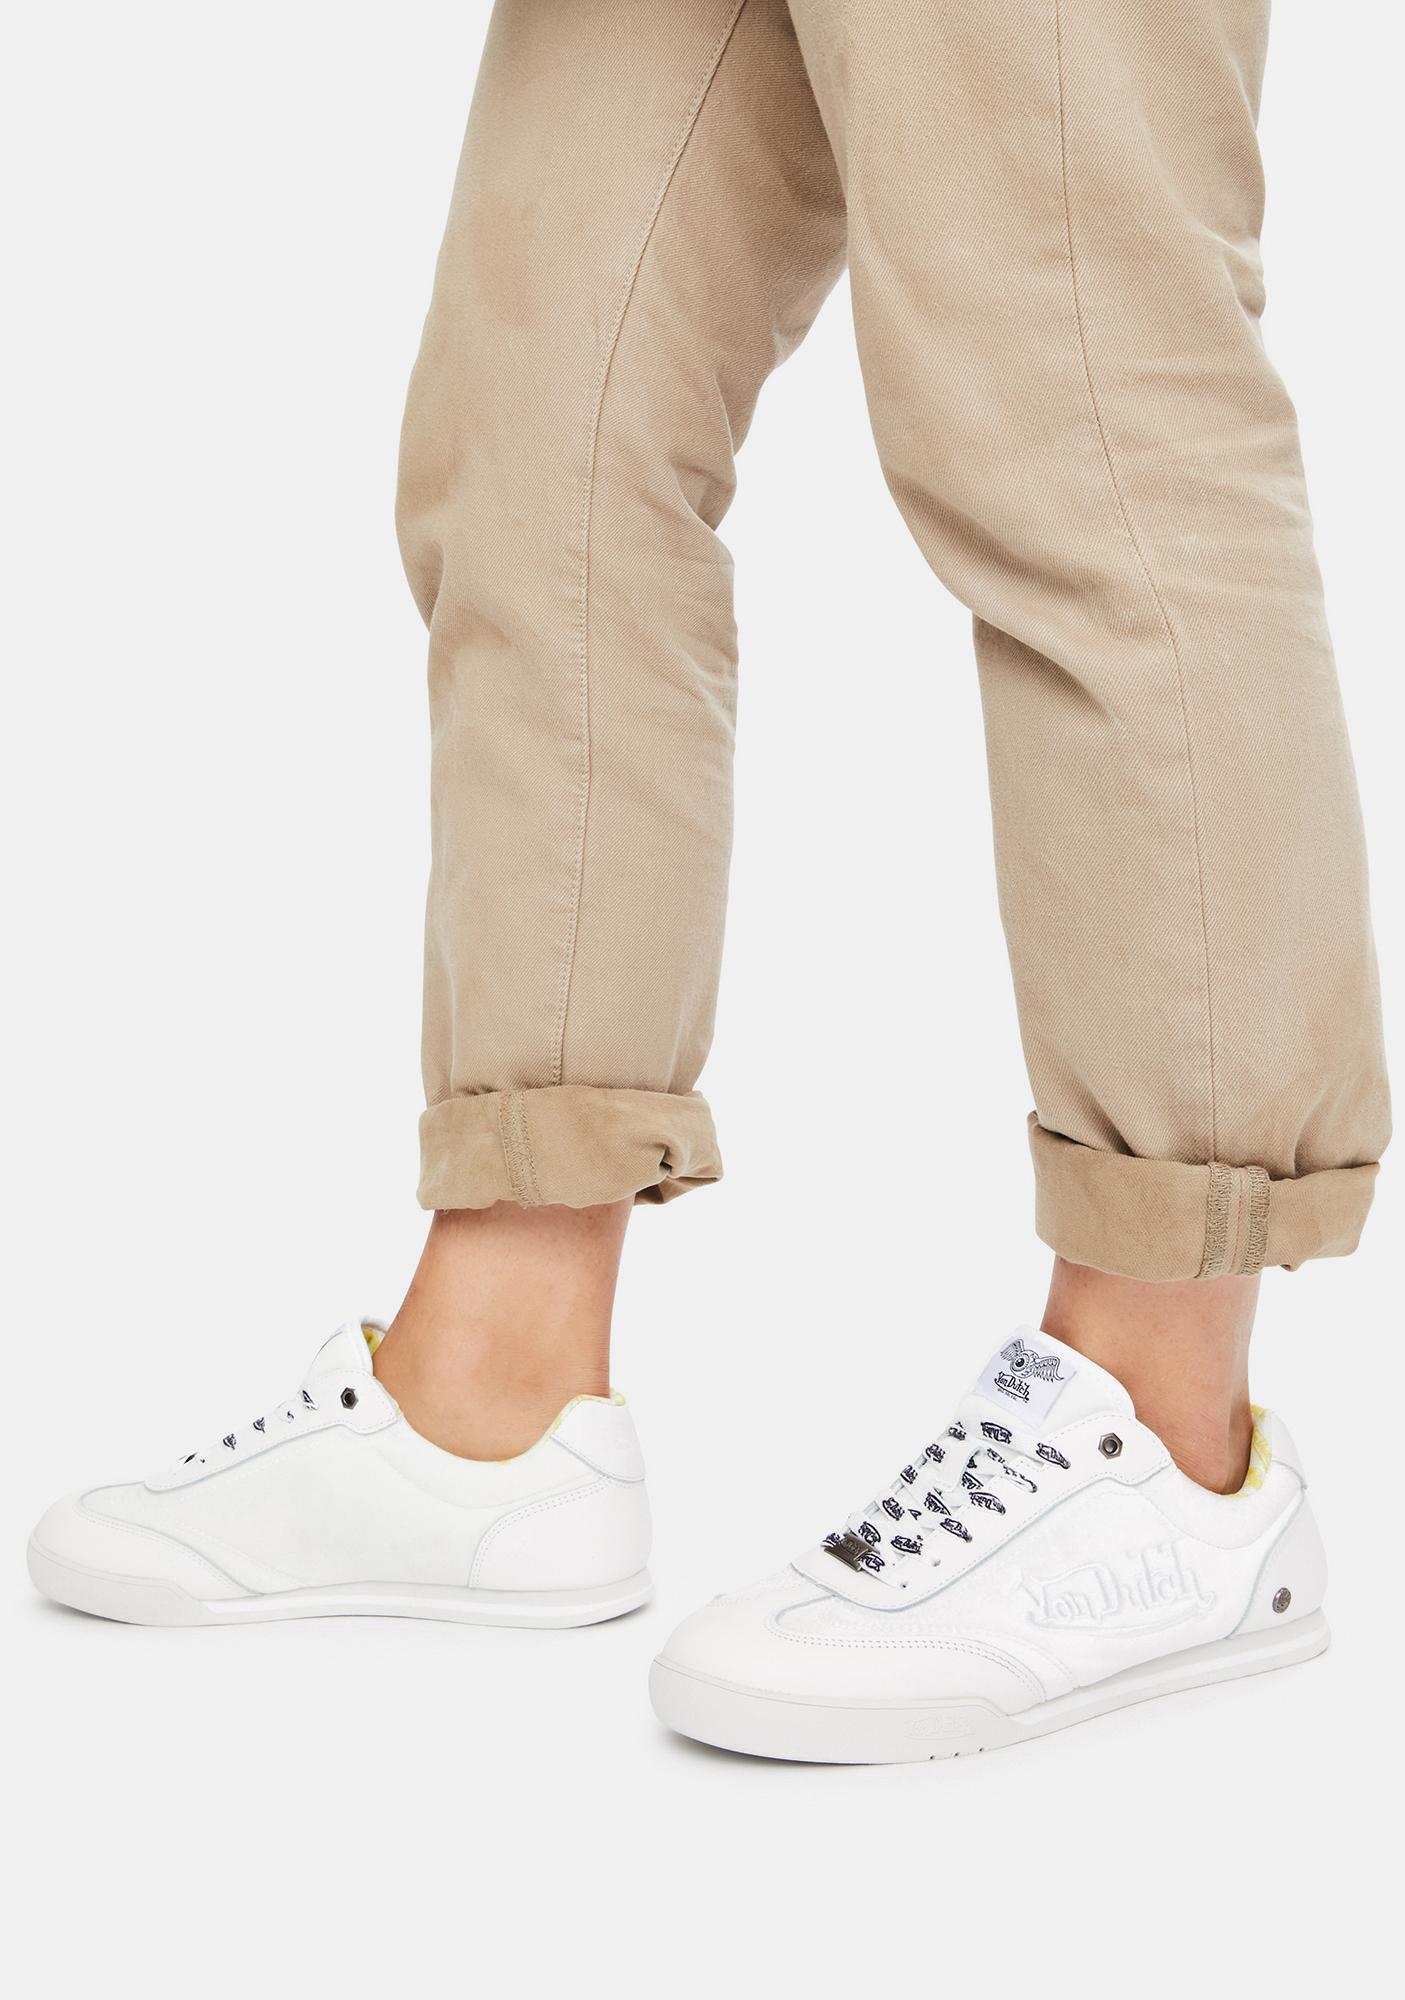 Von Dutch Vanderdutch Sneakers